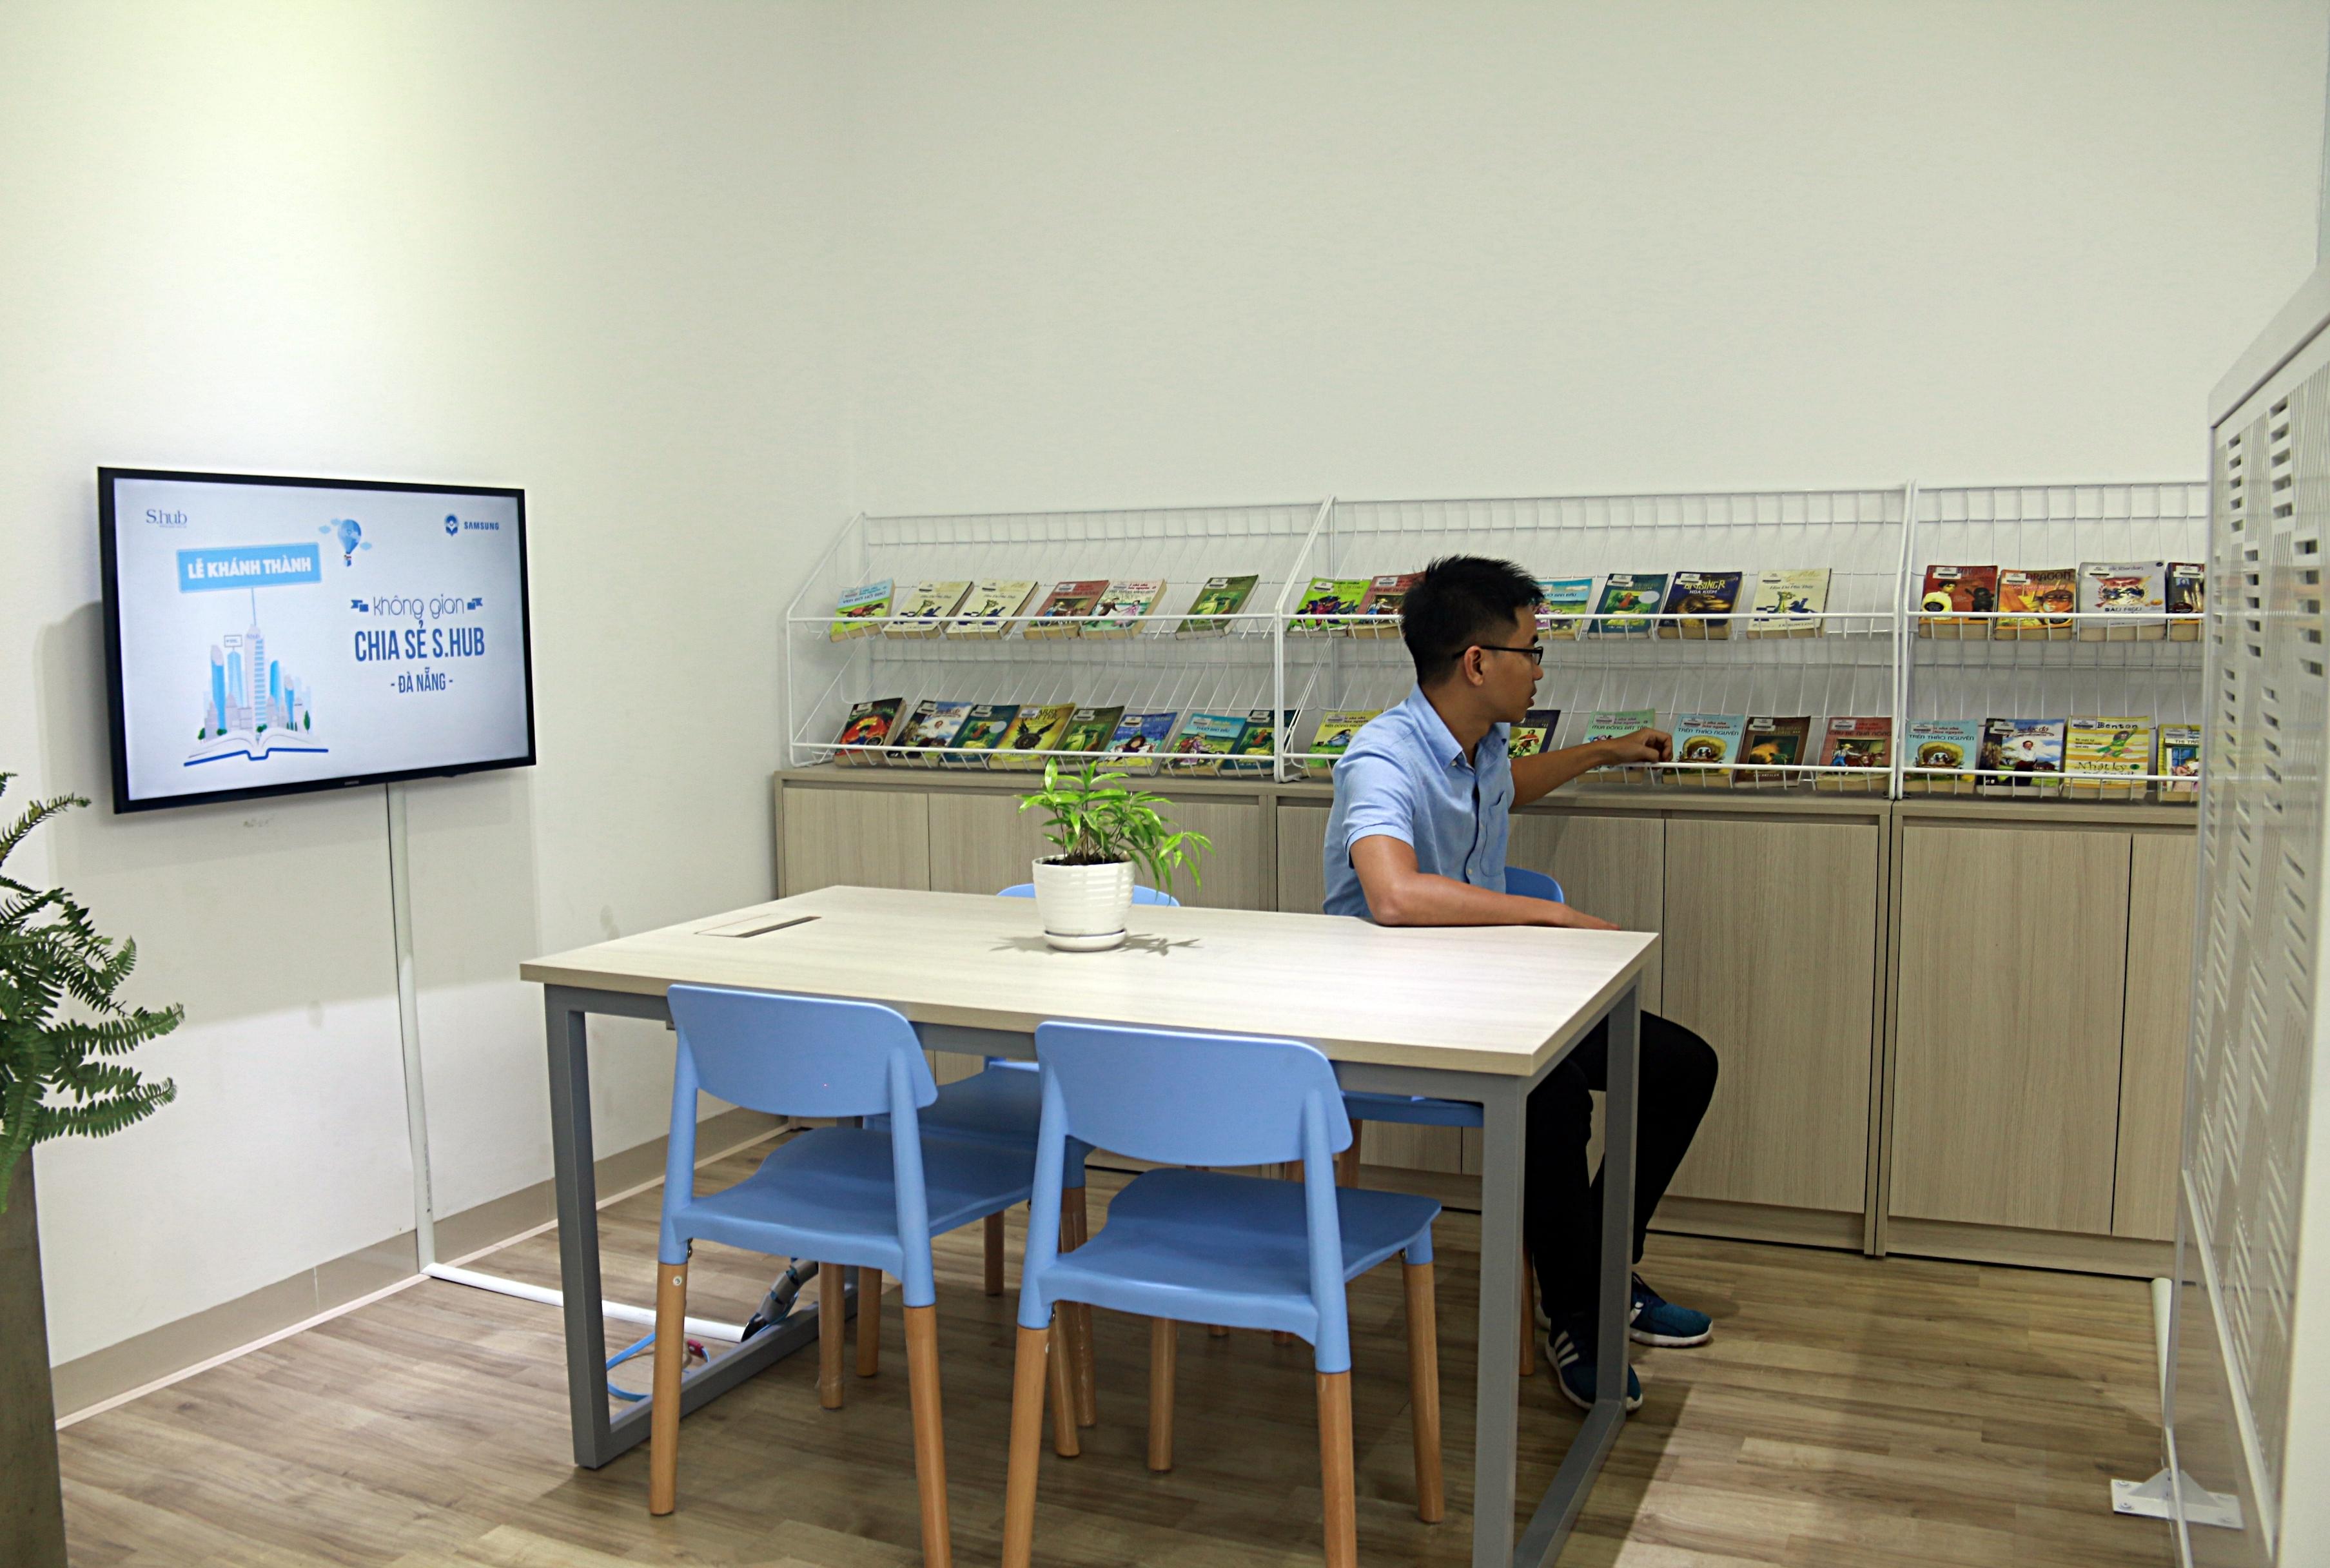 S.hub - không gian chia sẻ tri thức cực hot dành cho giới trẻ Đà Nẵng - Ảnh 10.